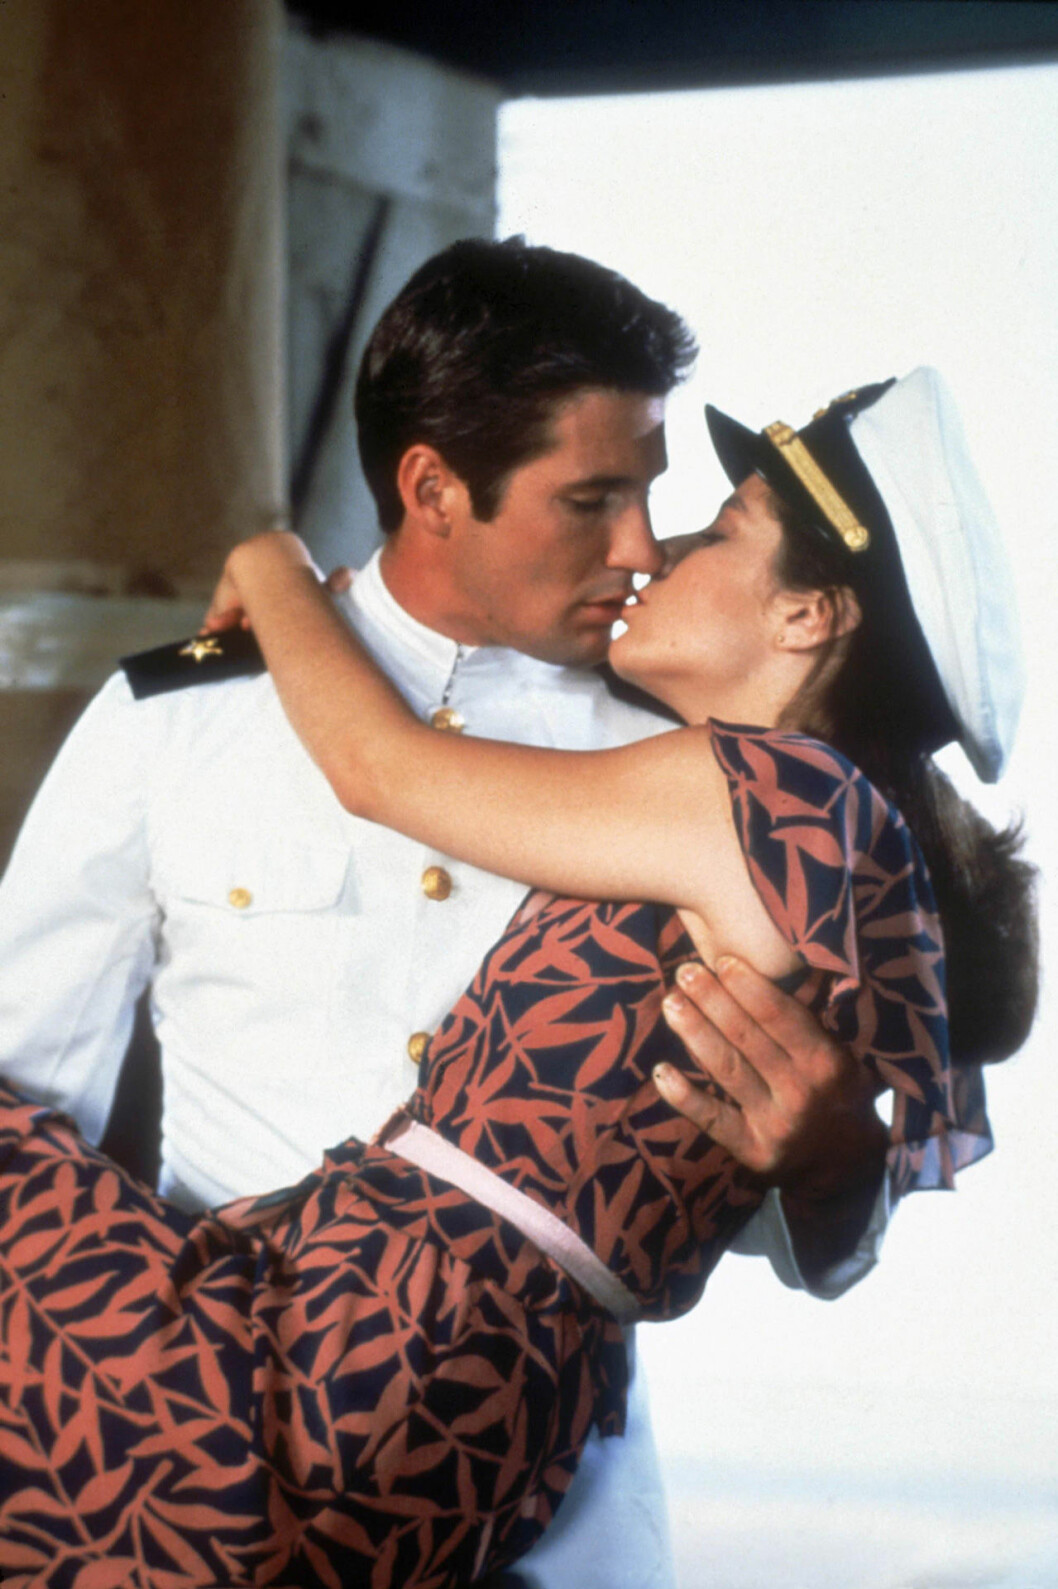 Kyss från En officer och en gentleman